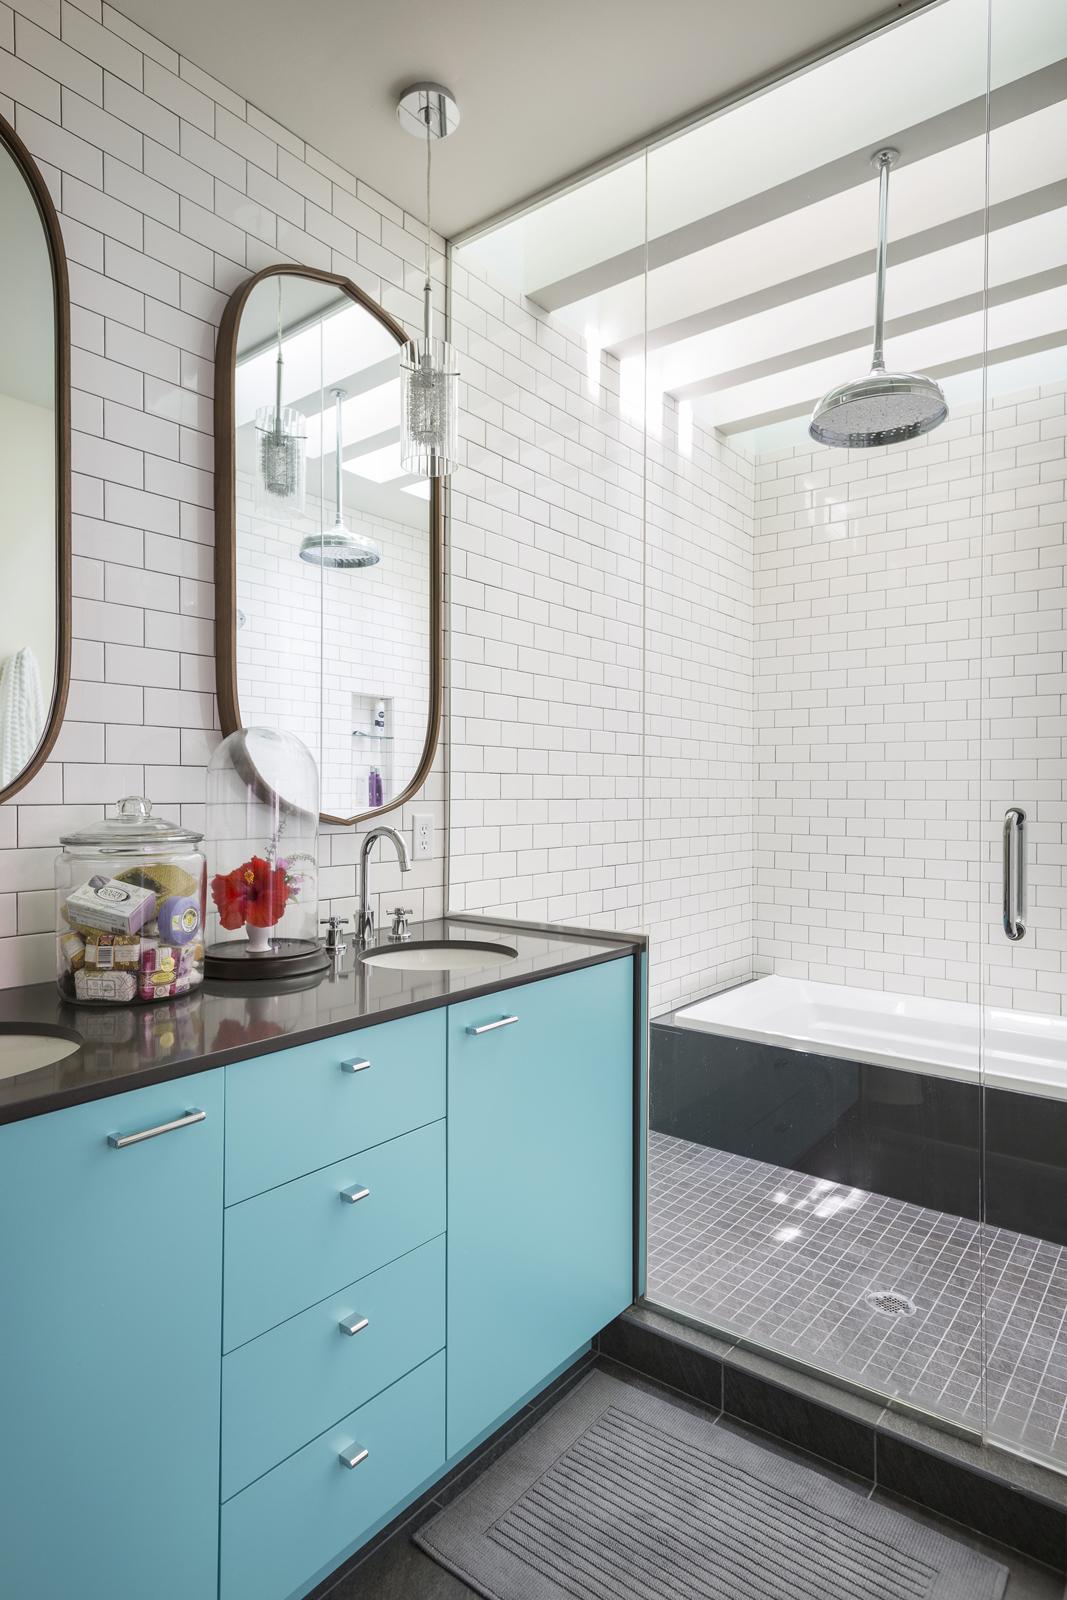 Shower Enclosure with Bath Tub